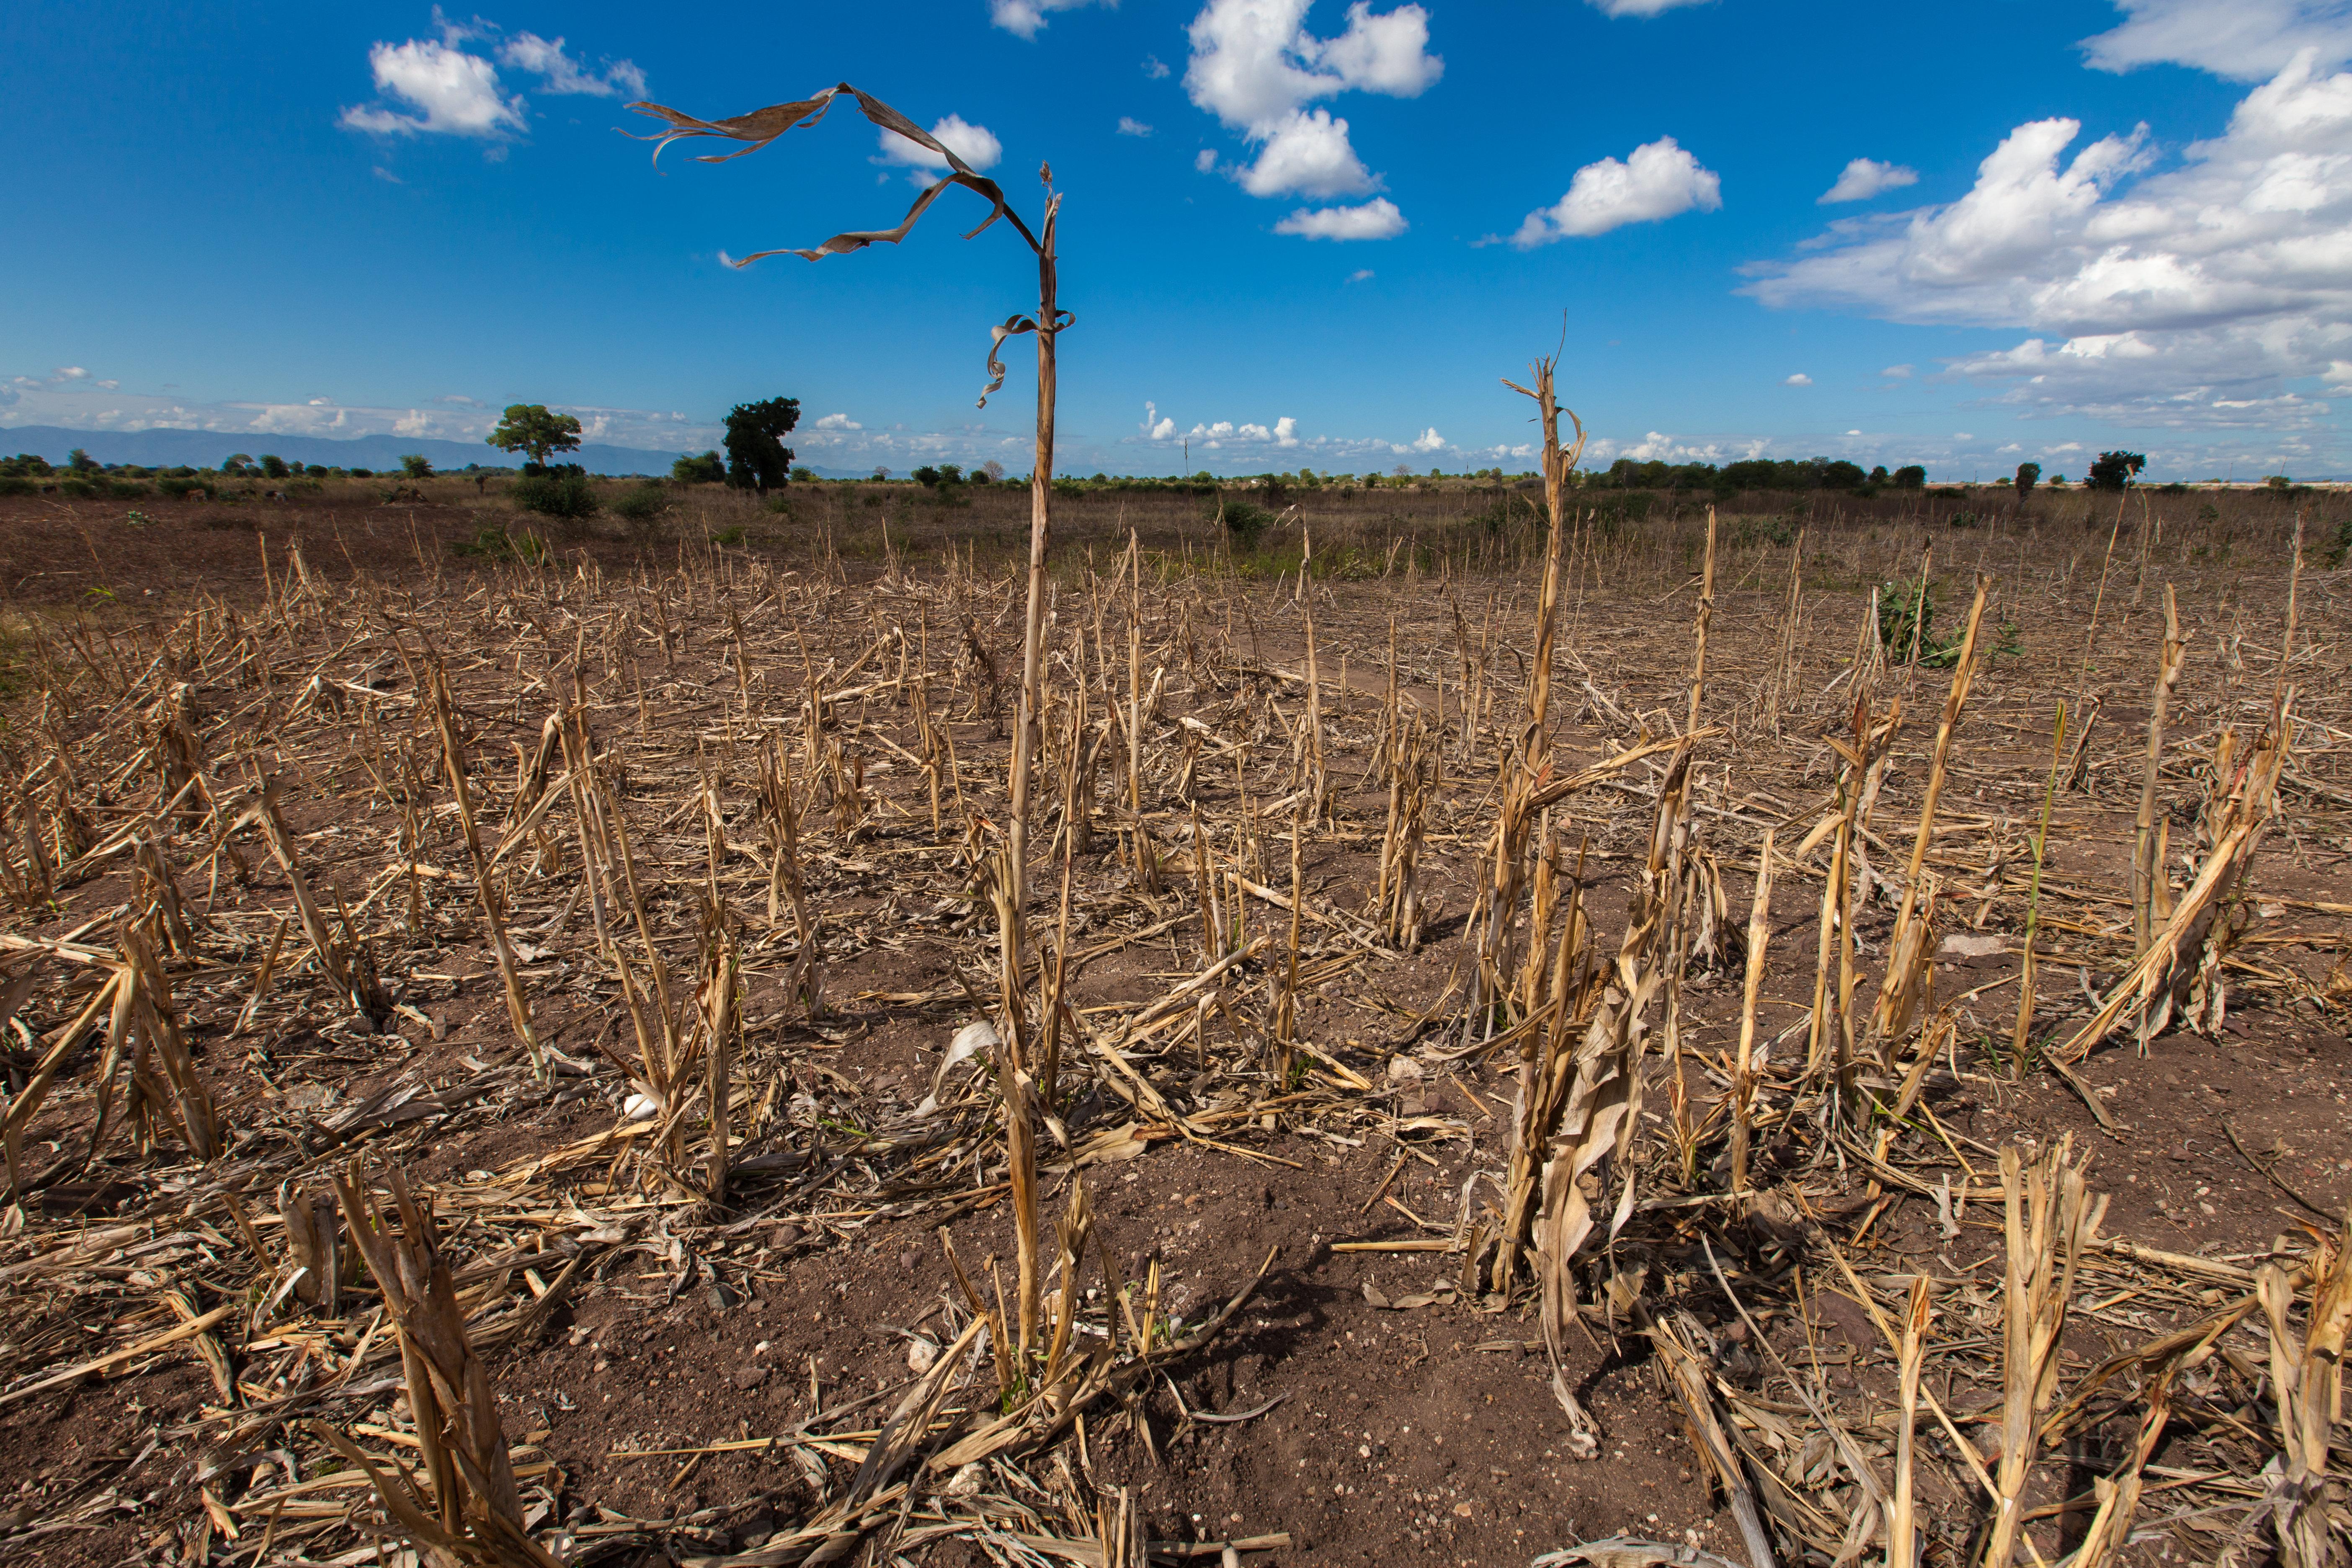 La FAO met en garde contre les menaces de perte de la